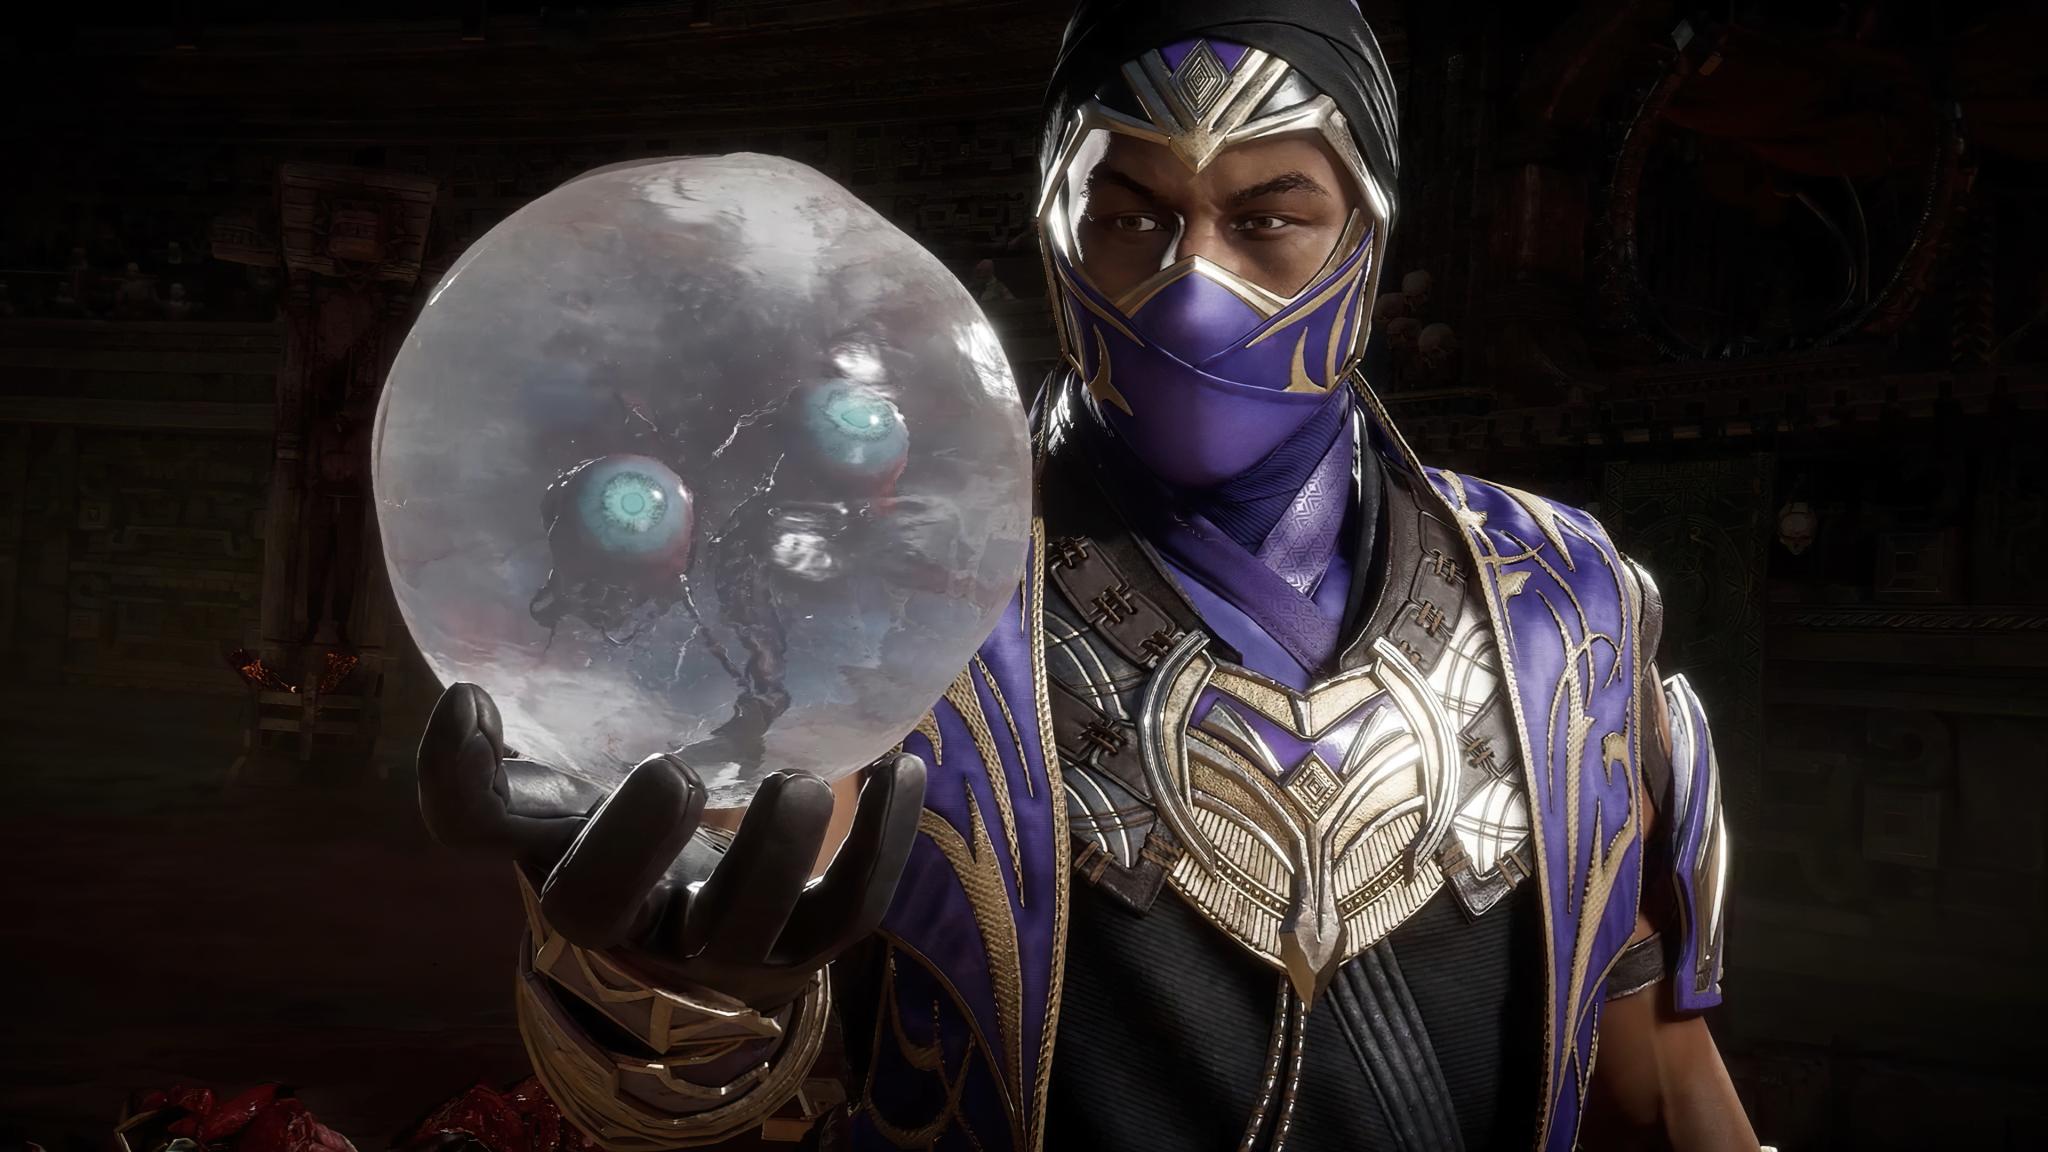 2048x1152 Rain 4K Mortal Kombat 11 2048x1152 Resolution ...